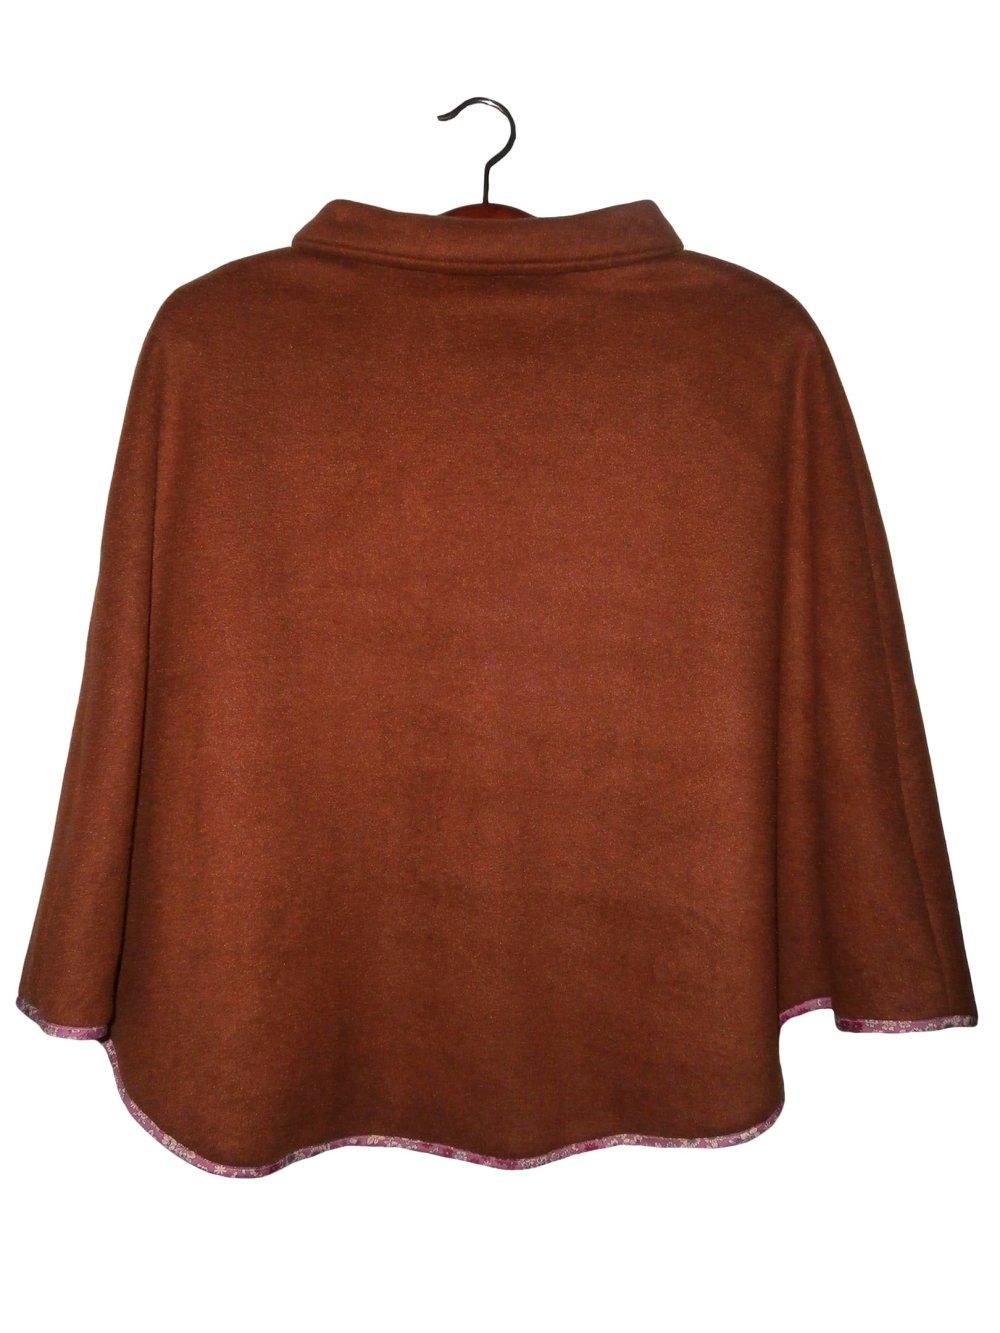 Poncho fillette 7-8ans, polaire douillet marron chocolat et liberty rose, liens de serrage